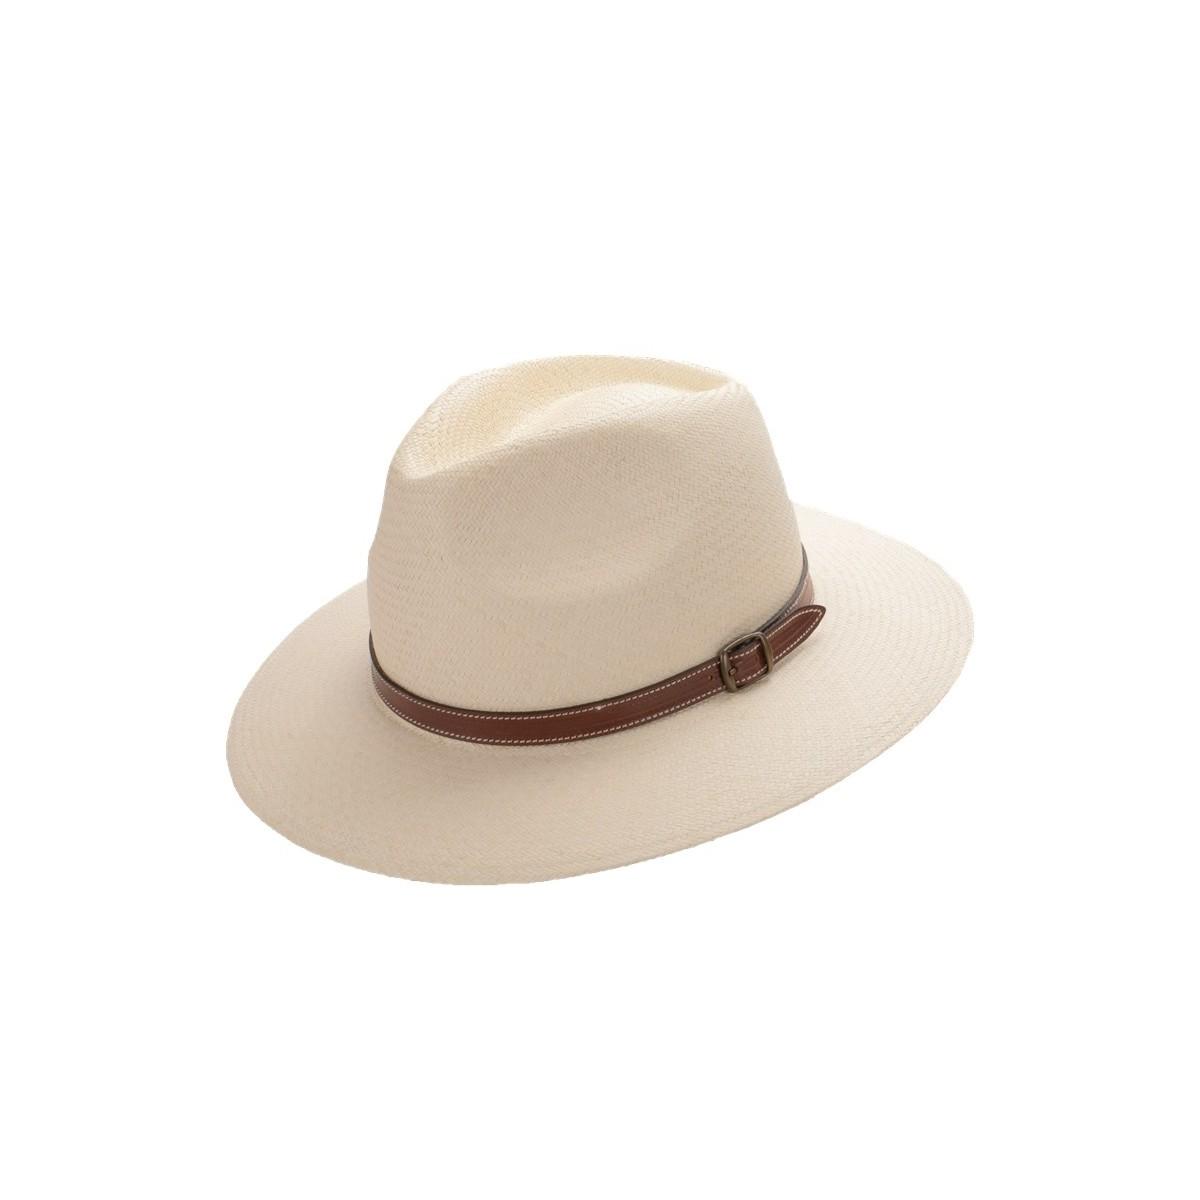 Aser sombrero de hombre panamá copa safari color natural y correa de piel marrón con hebilla. Fernández y ROCHE